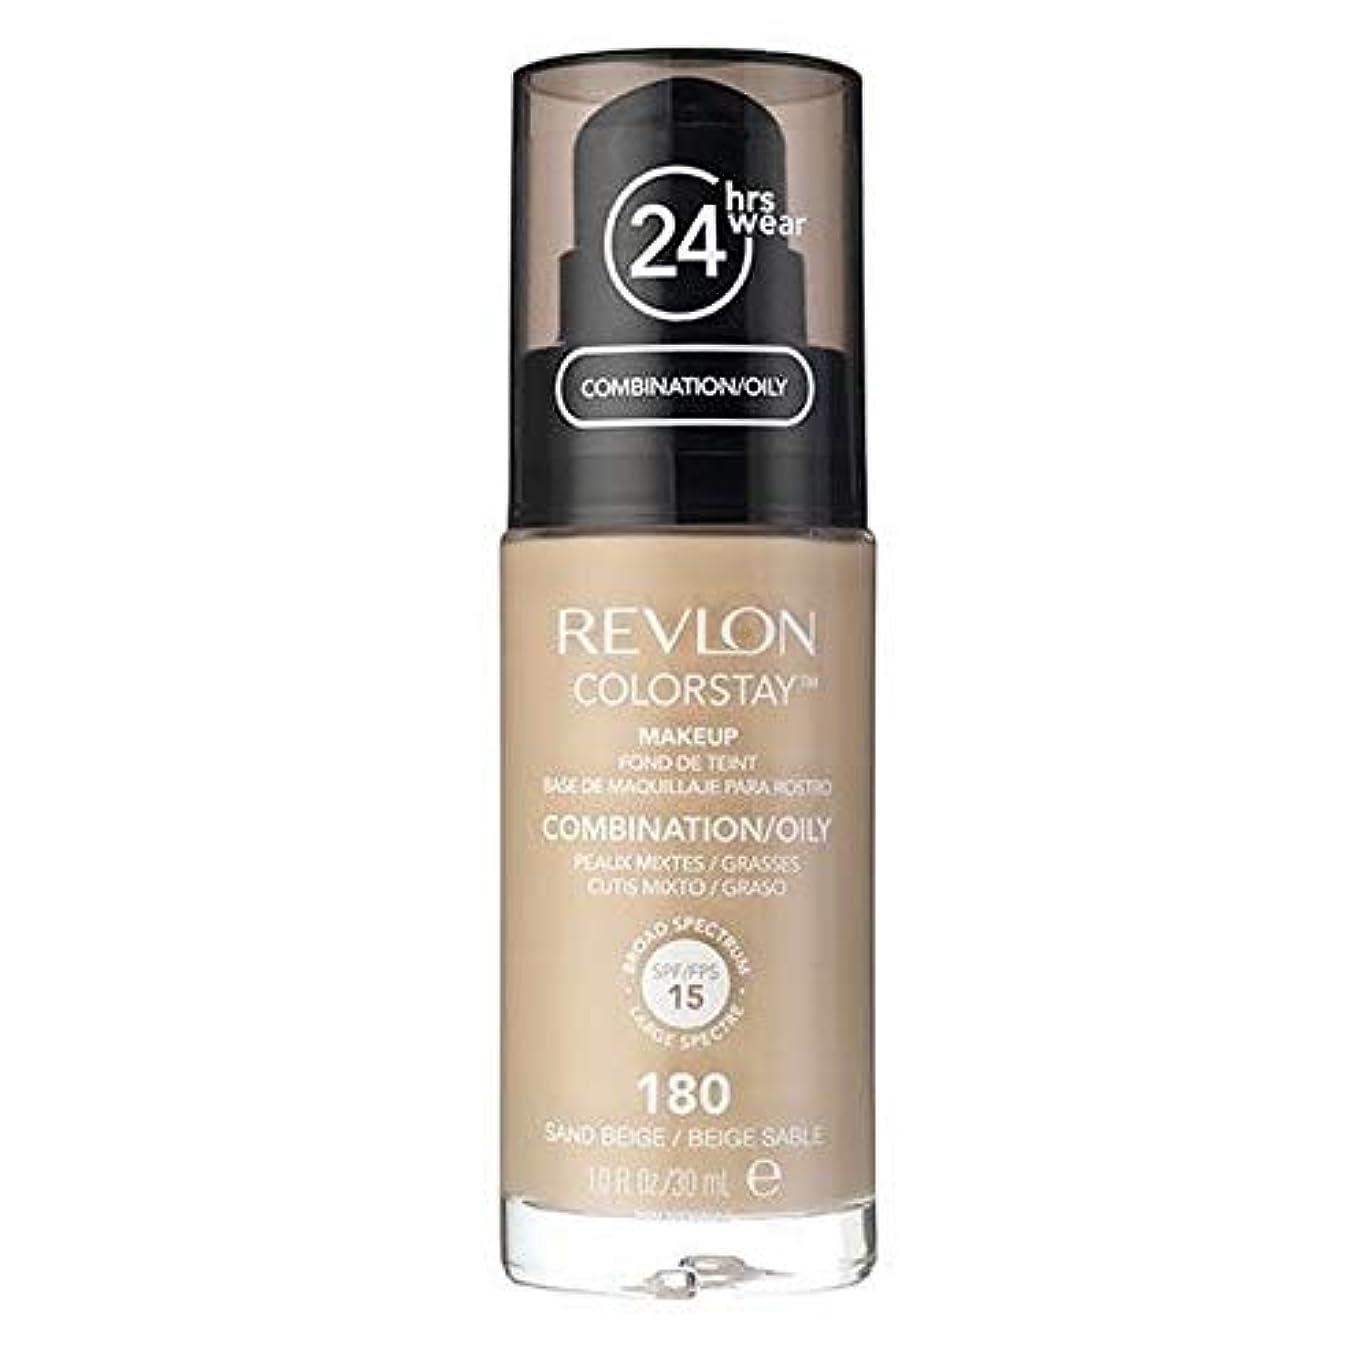 集めるくつろぎまさに[Revlon ] レブロンカラーステイ基盤コンビ/油性サンドベージュ30ミリリットル - Revlon Color Stay Foundation Combi/Oily Sand Beige 30ml [並行輸入品]